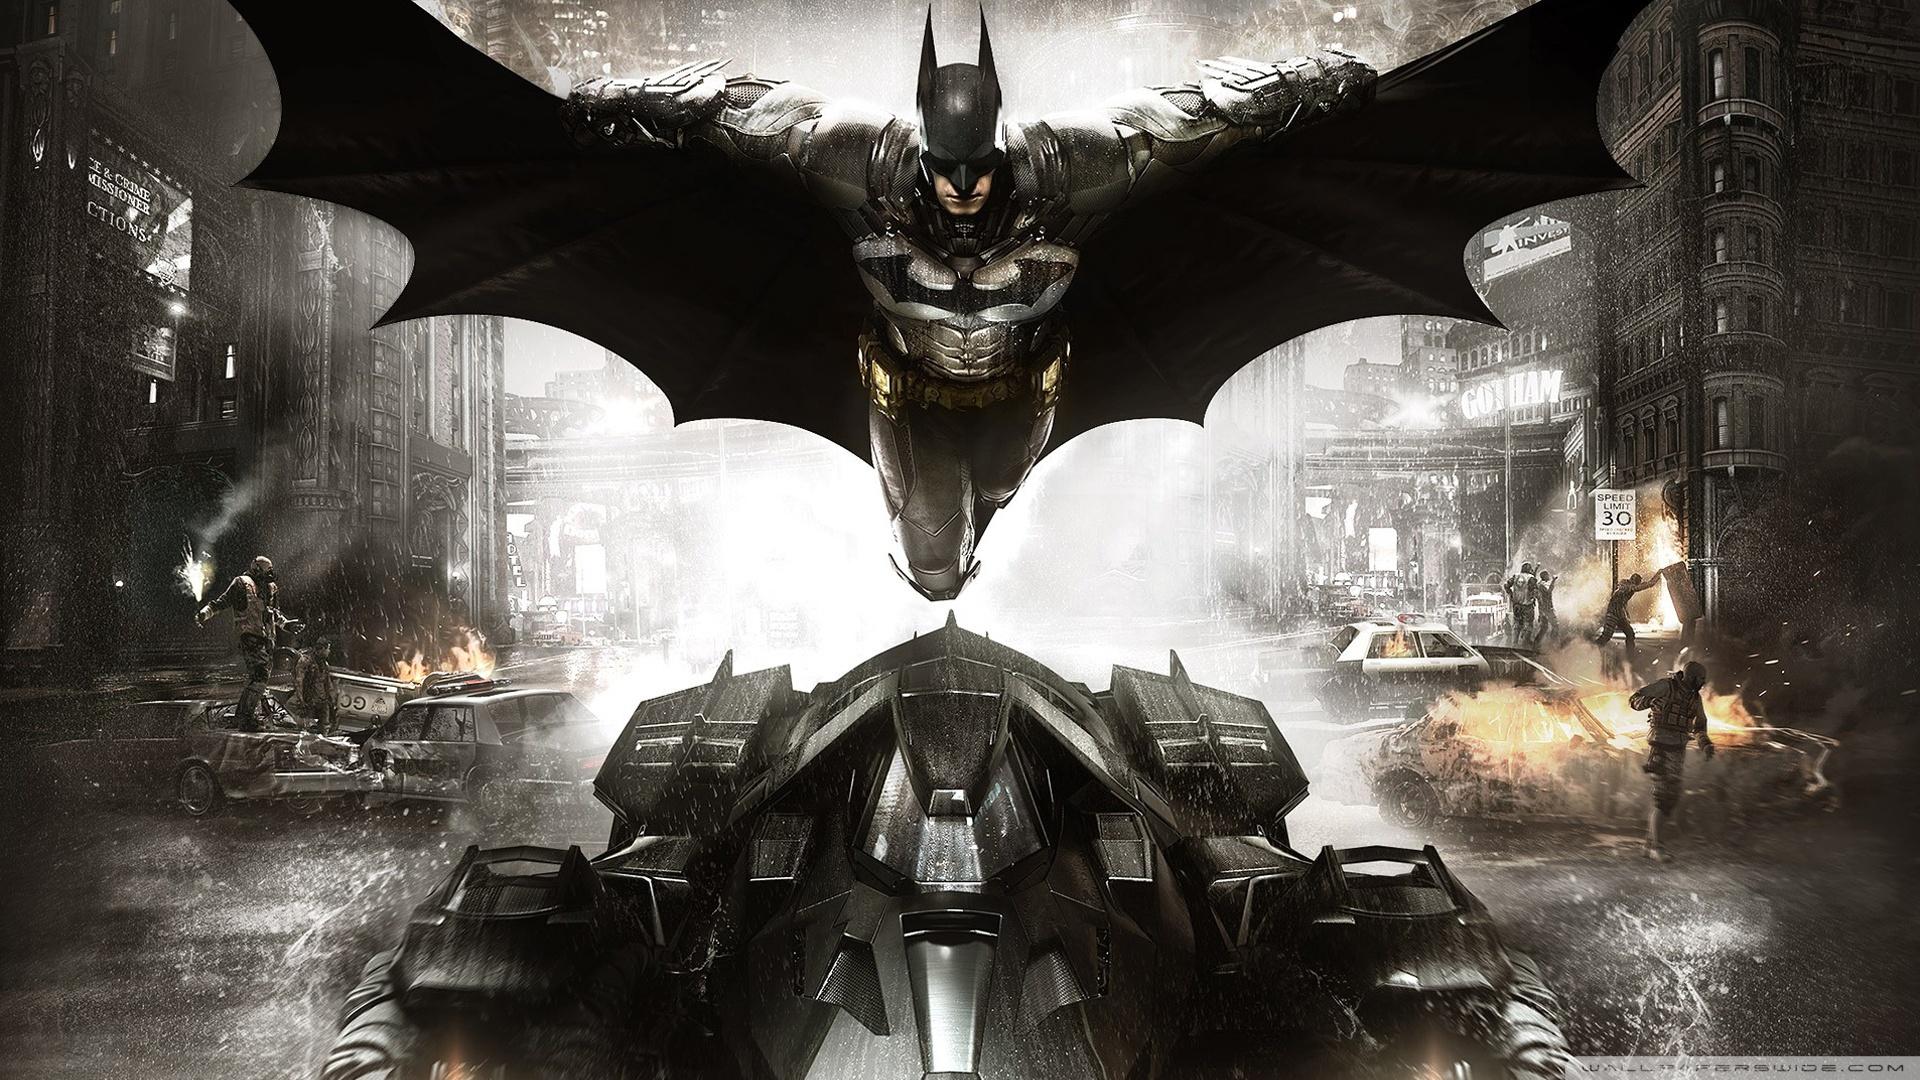 Batman Arkham Knight Wallpaper 1920x1080